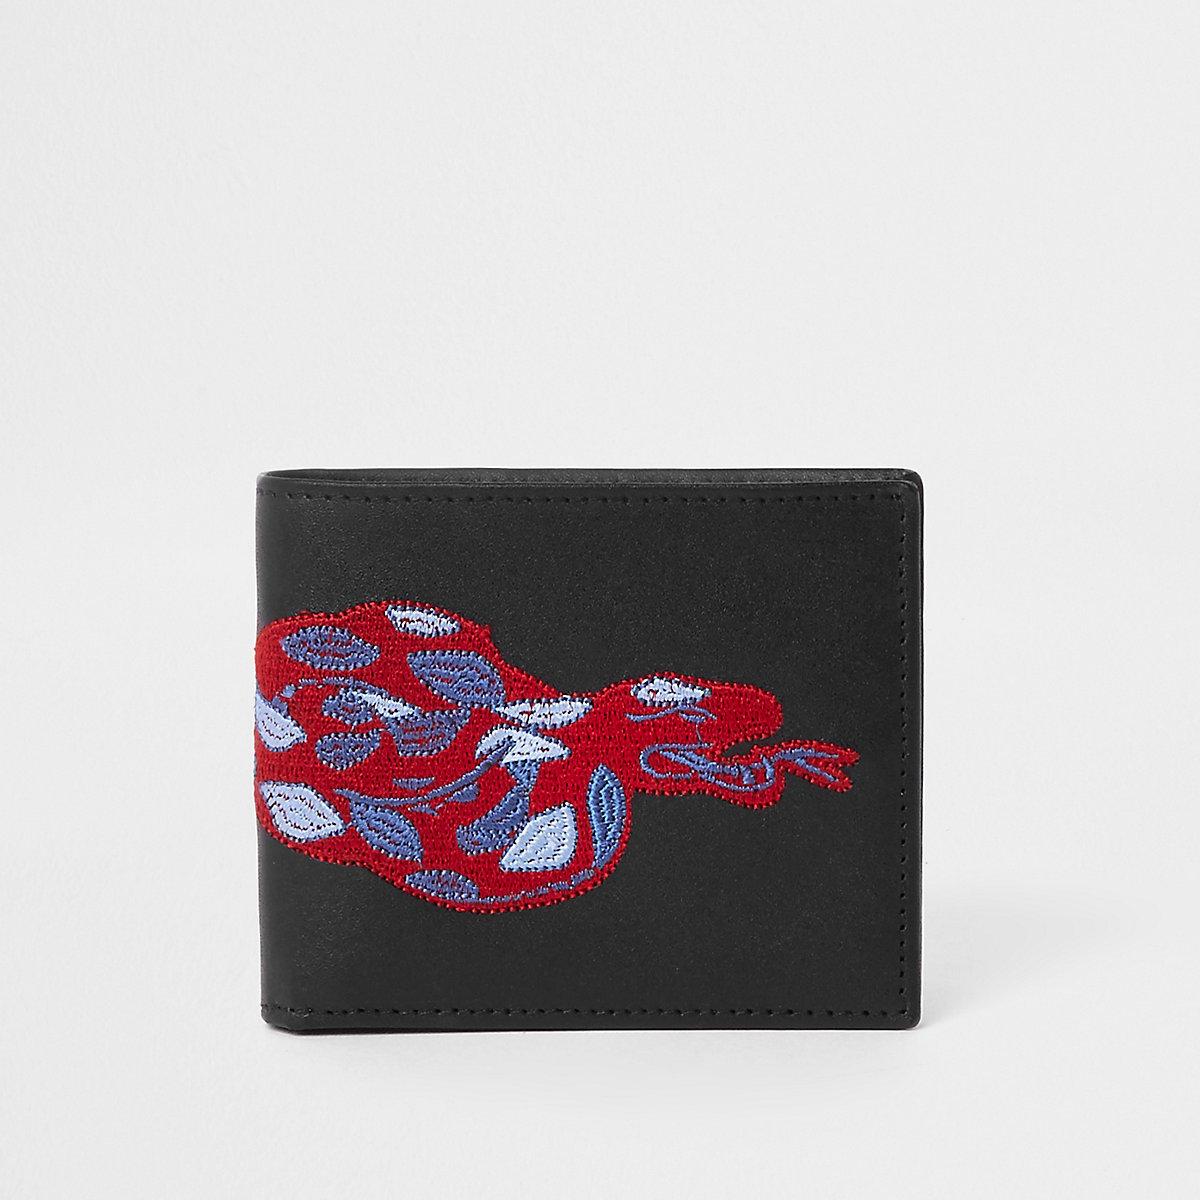 Schwarze Geldbörse mit Stickerei